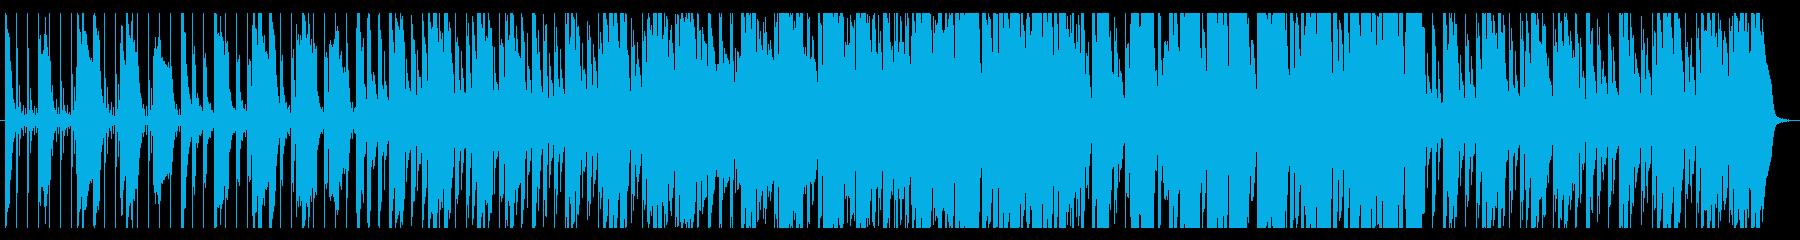 サスペンス、推理や事件、緊迫感あるBGMの再生済みの波形